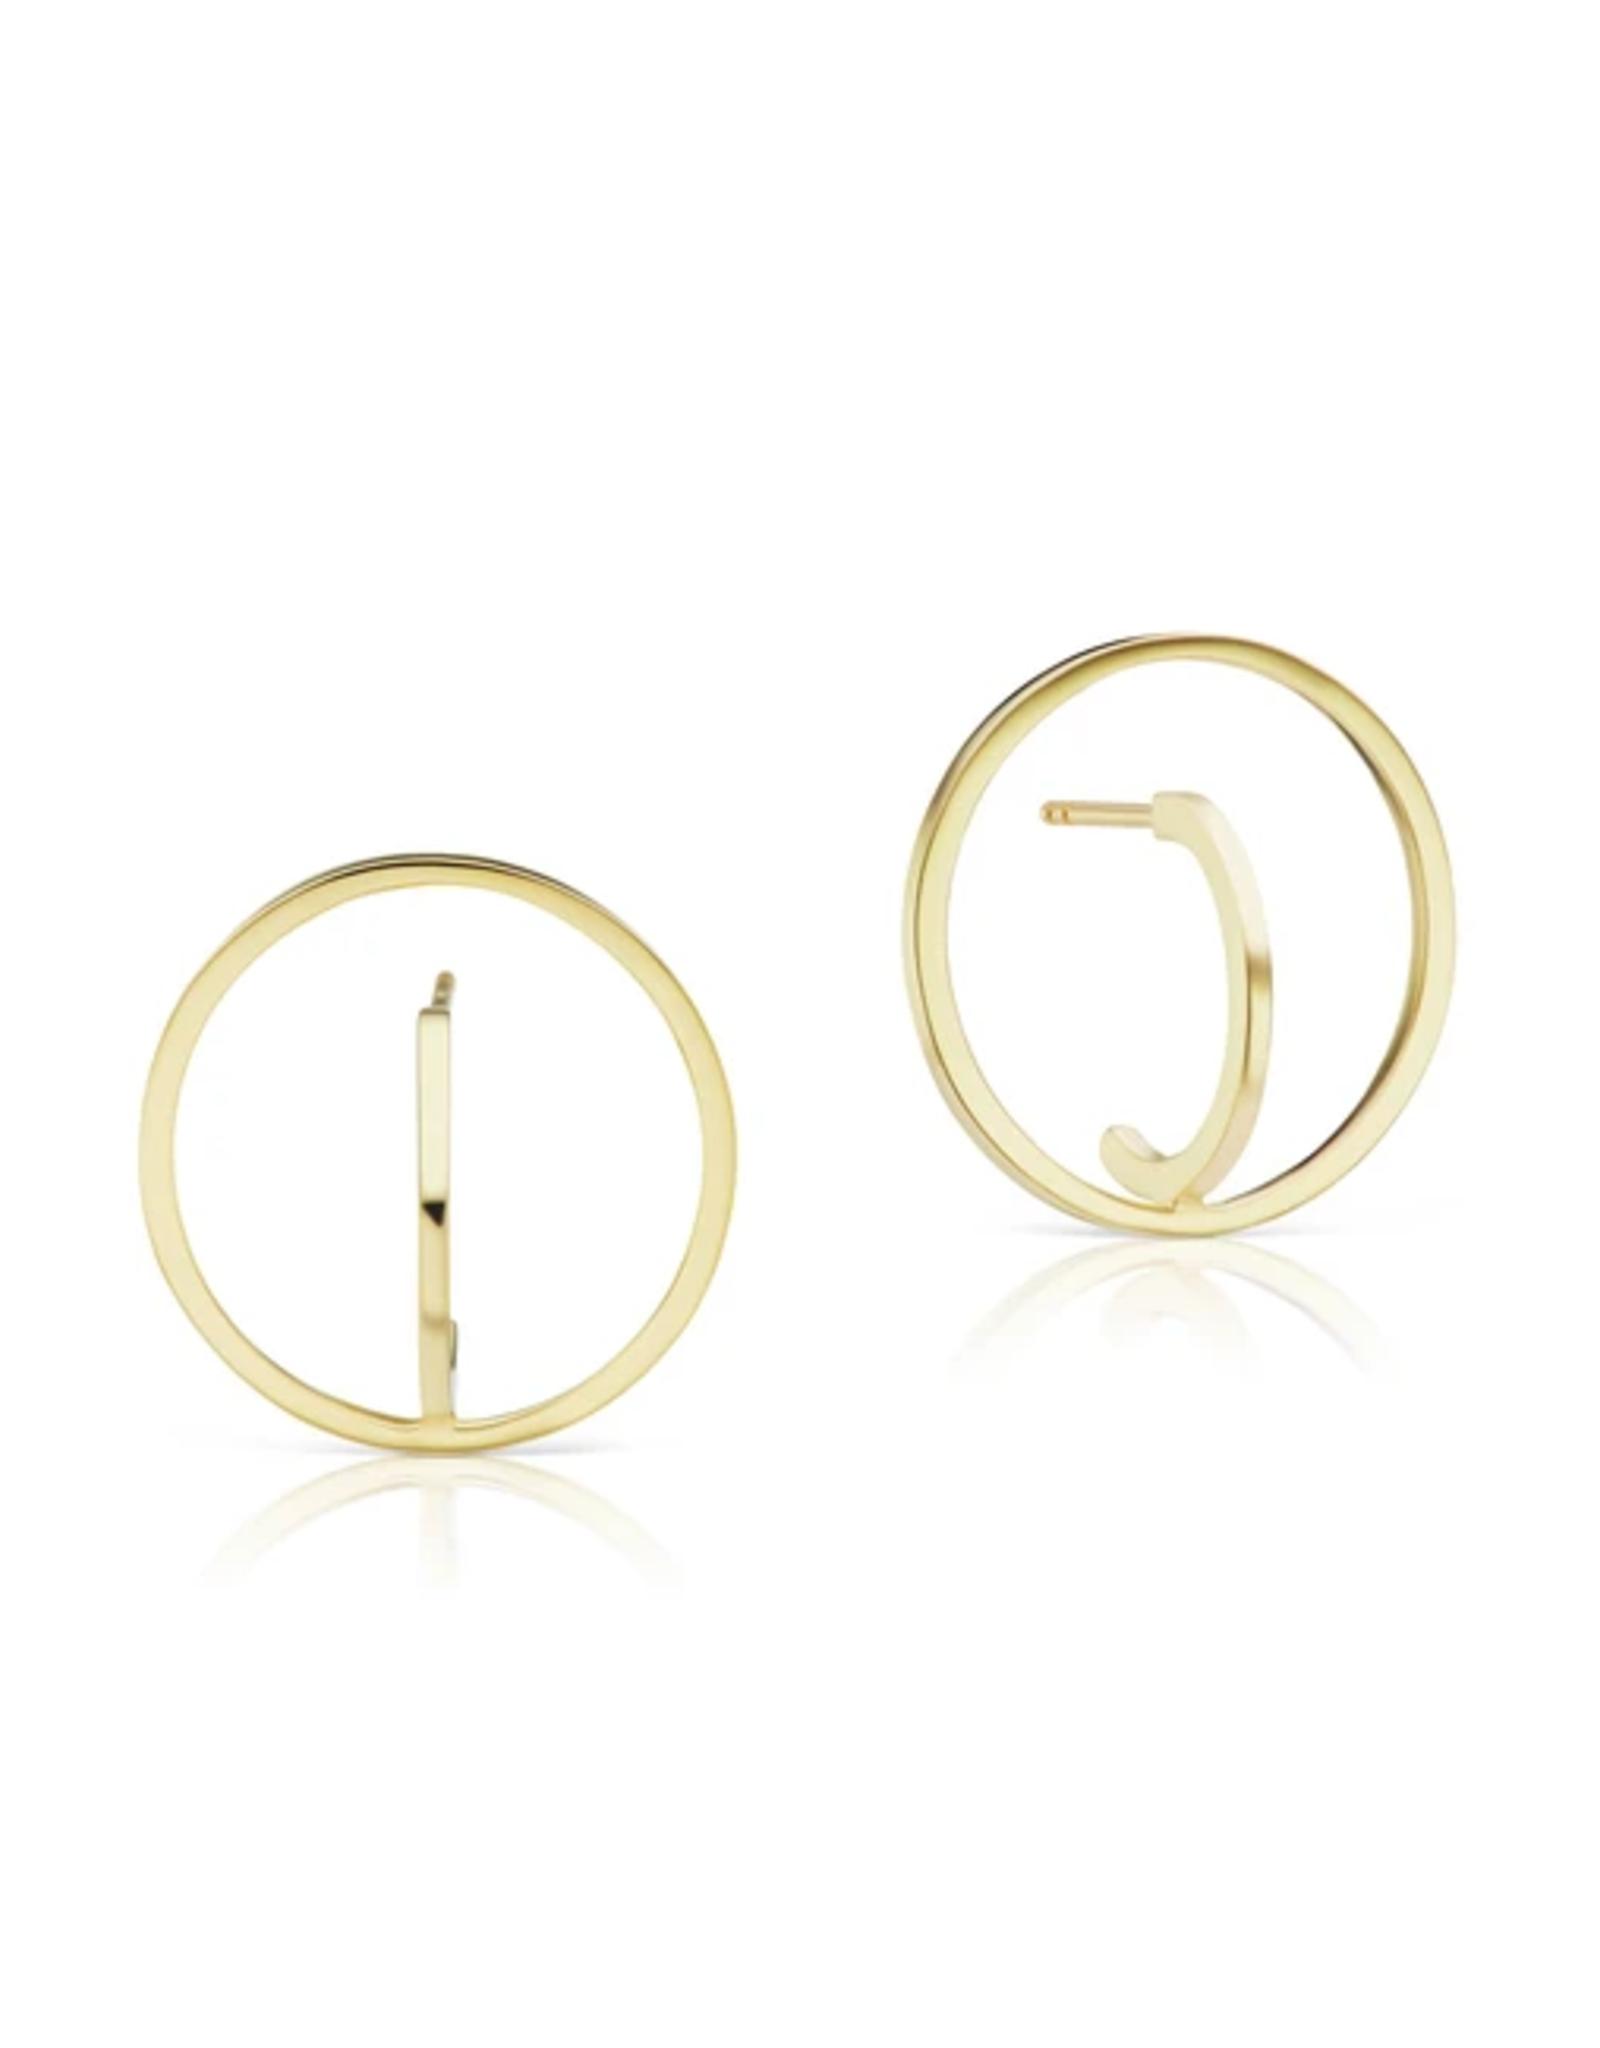 KBH Jewels Reclaimed Gold Orb Earrings